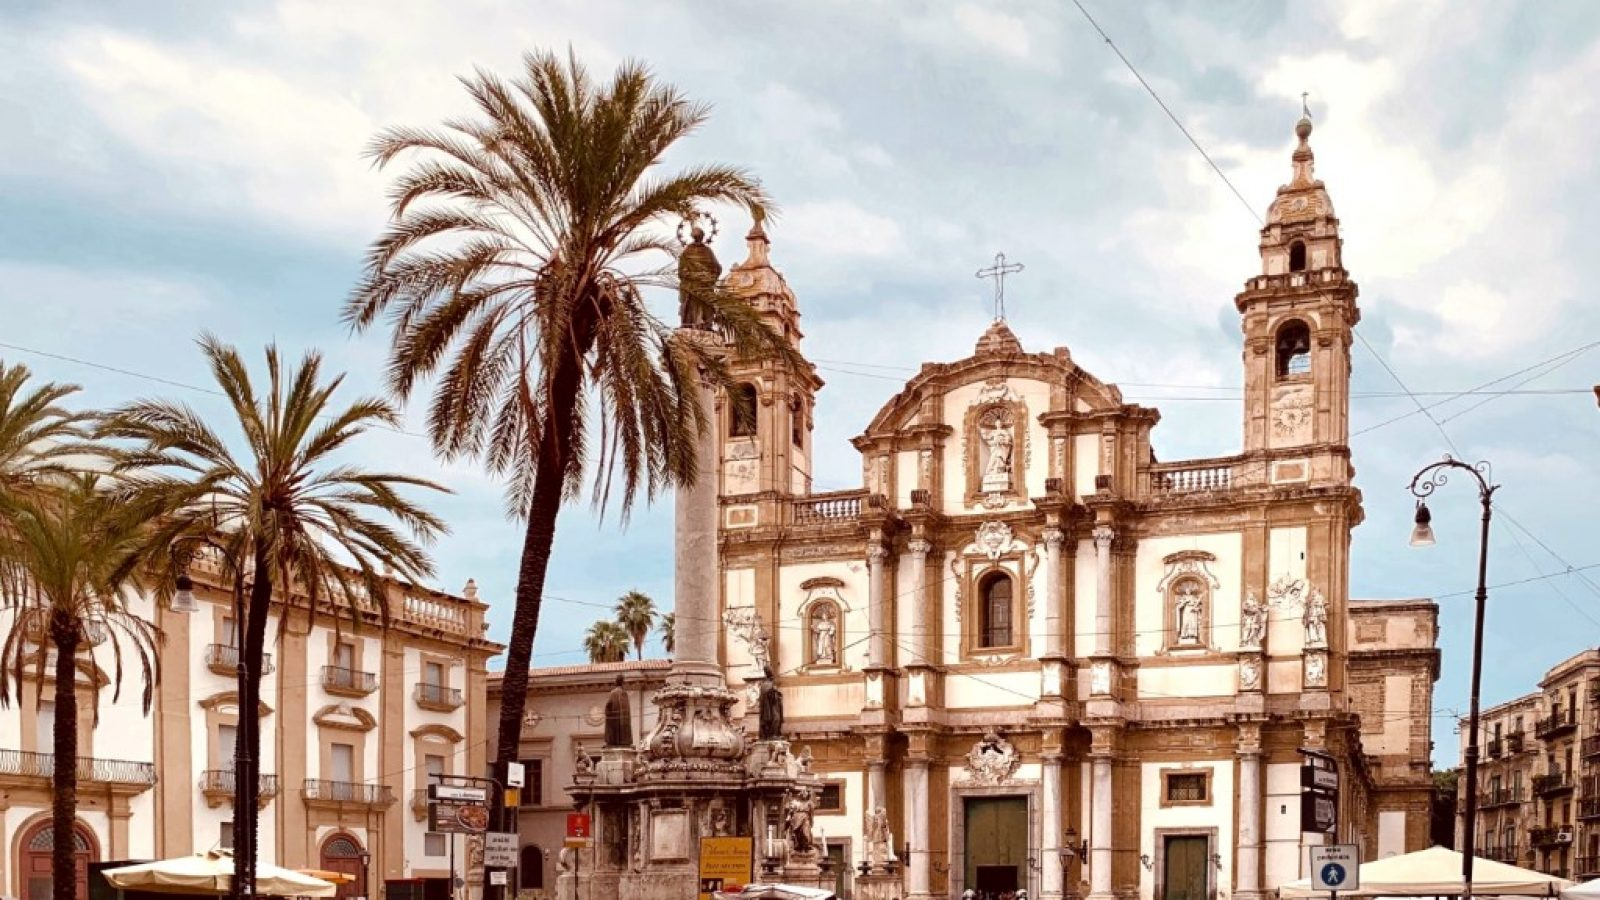 Palermo - Piazza San Domenico